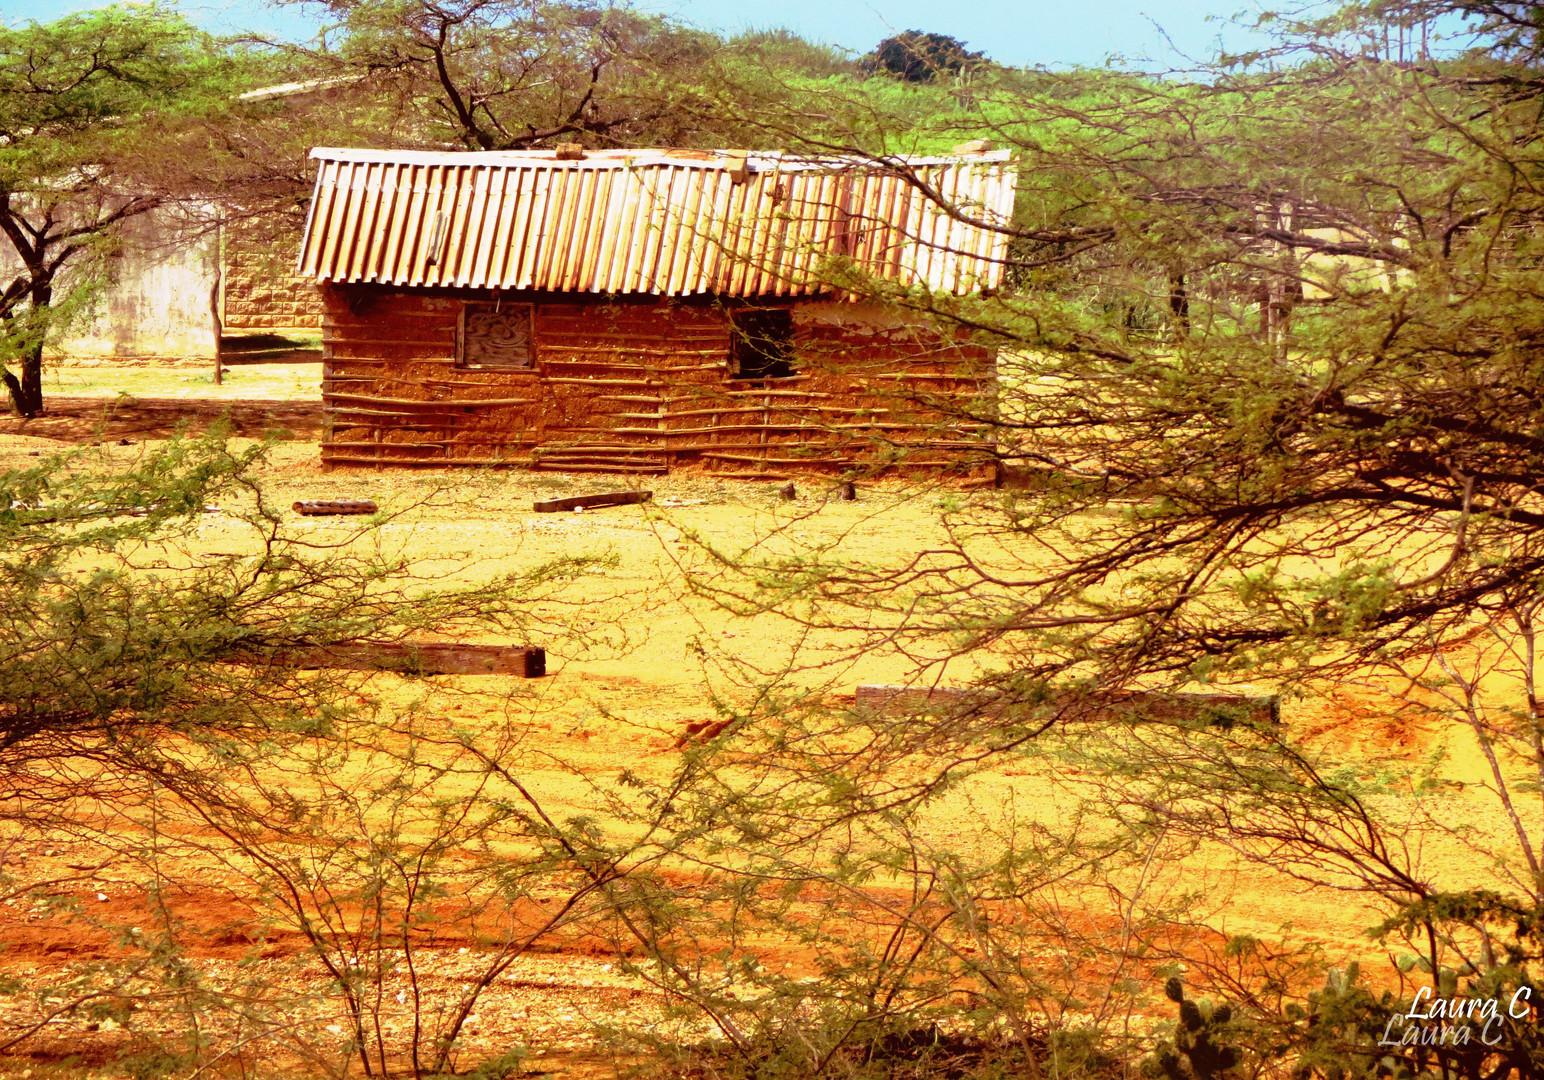 vivienda wayuu